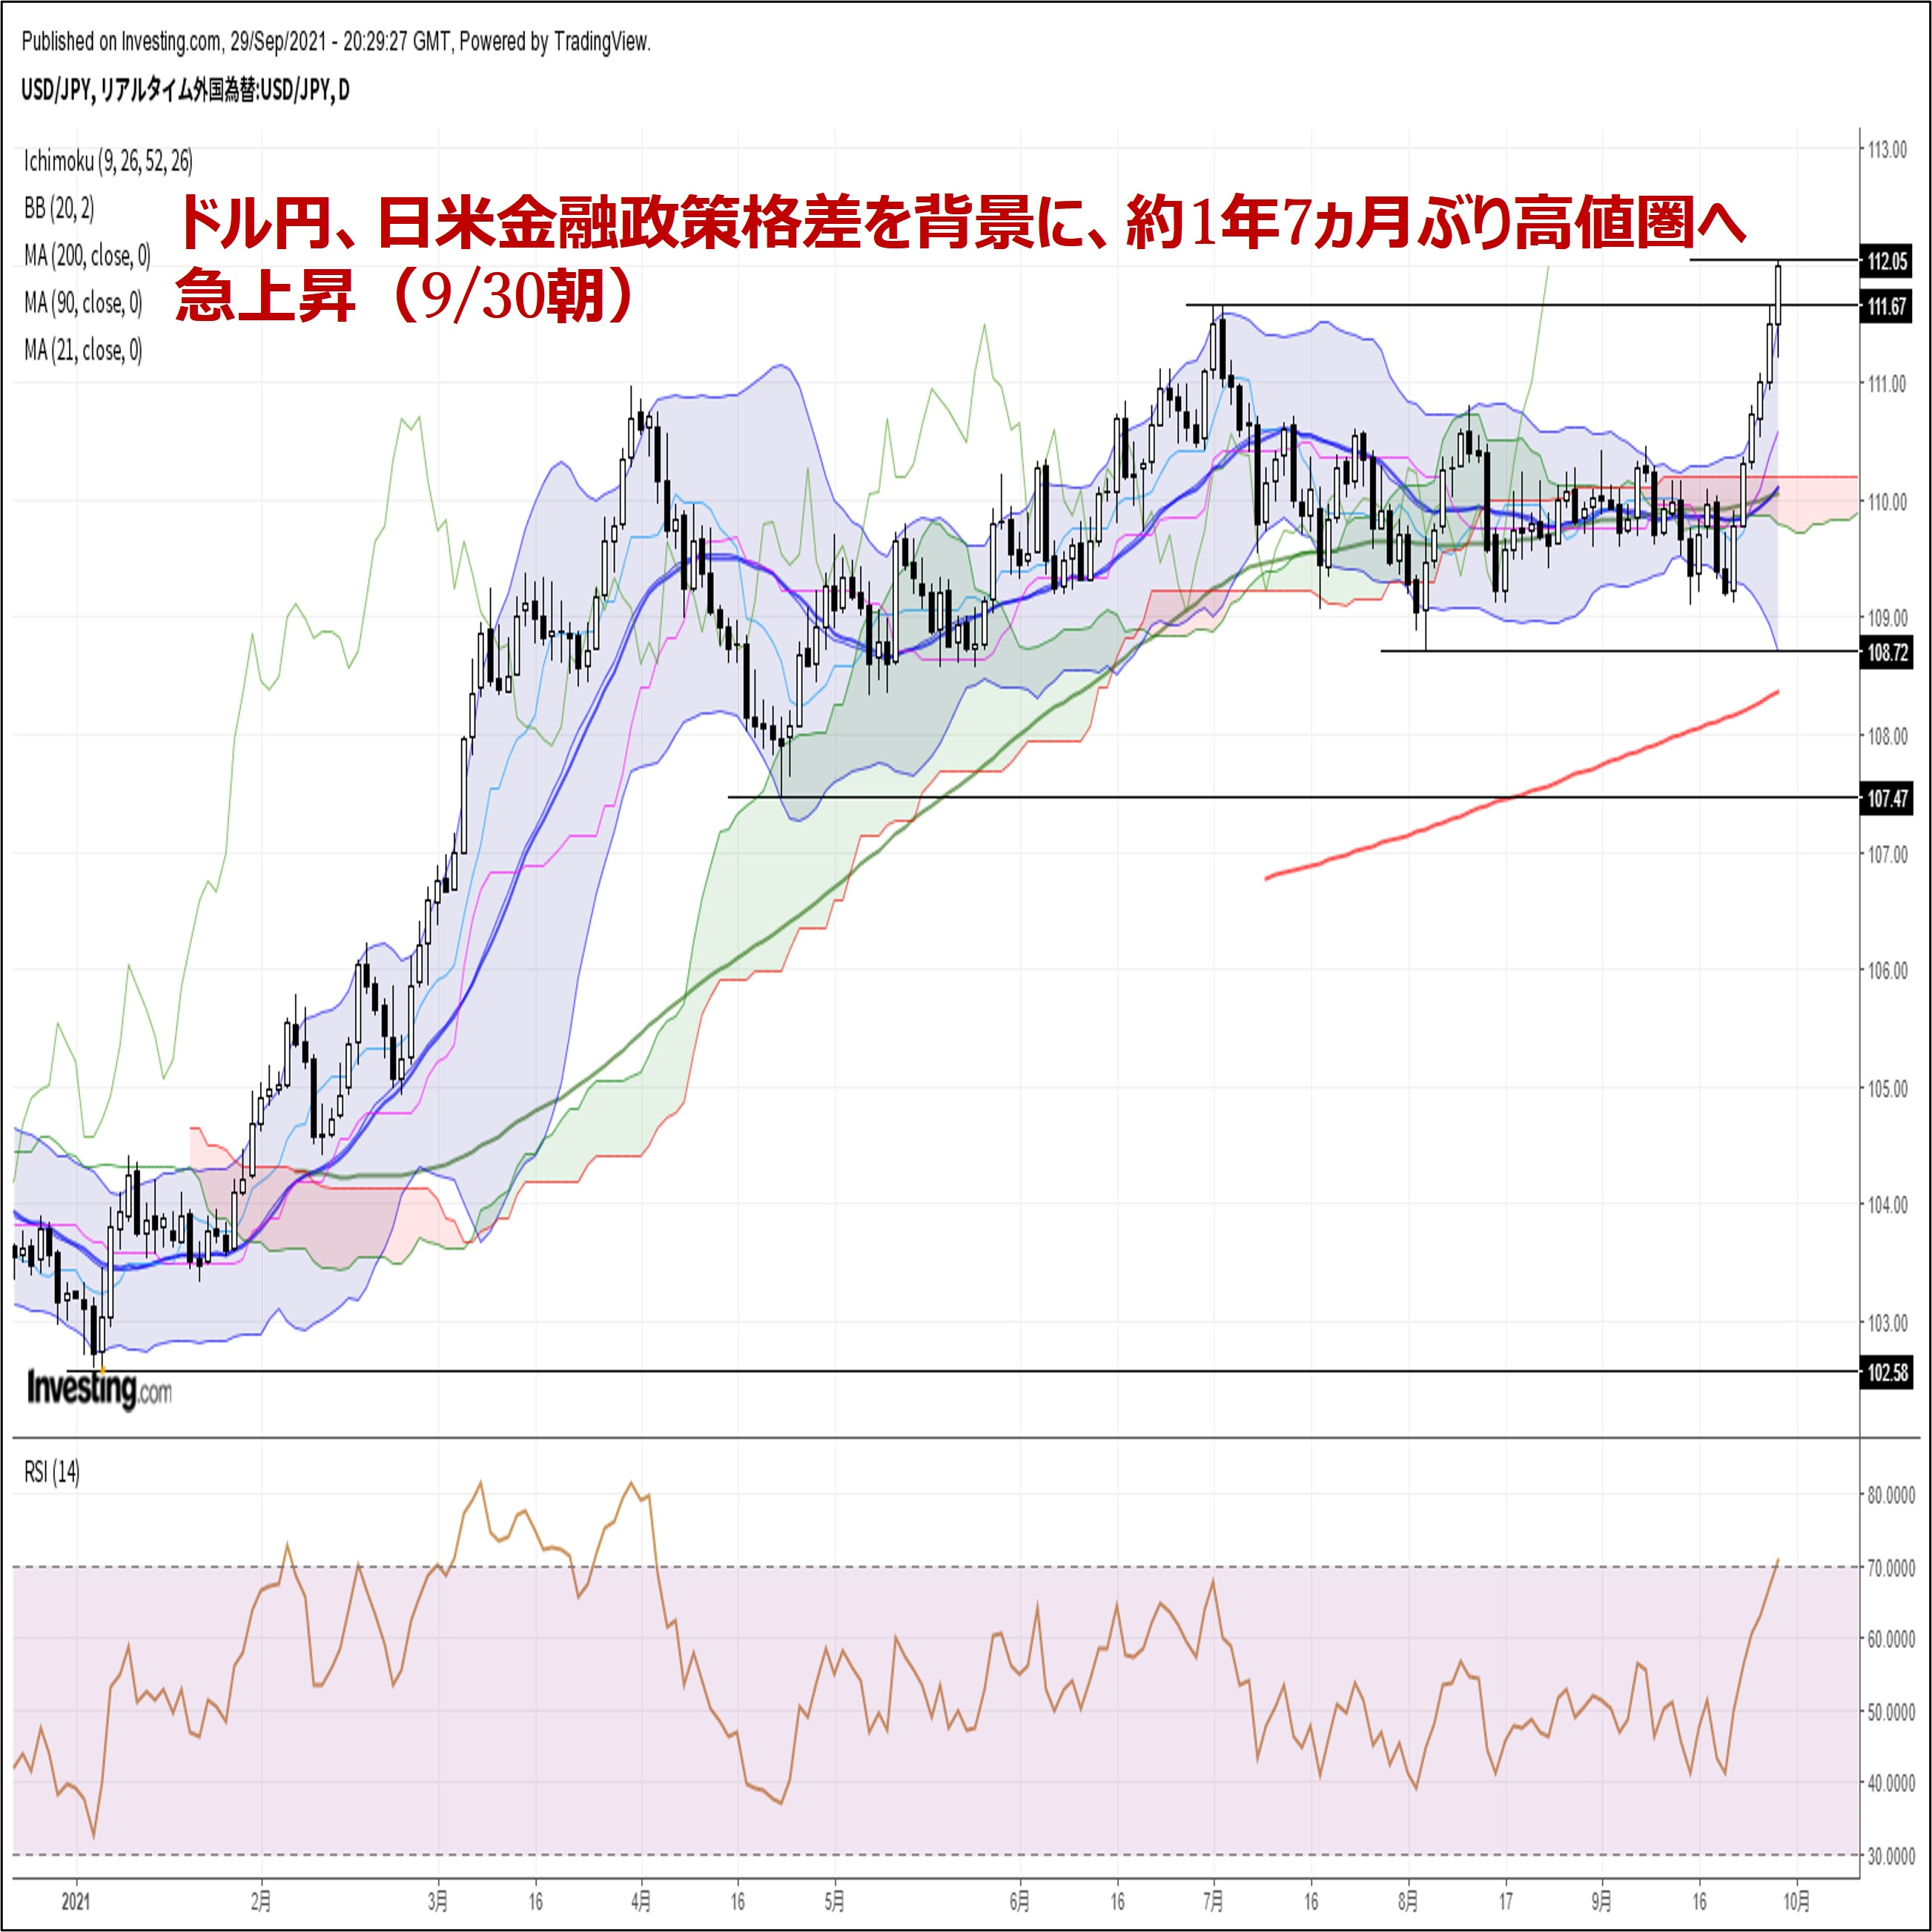 ドル円、日米金融政策格差を背景に、約1年7ヵ月ぶり高値圏へ急上昇(9/30朝)